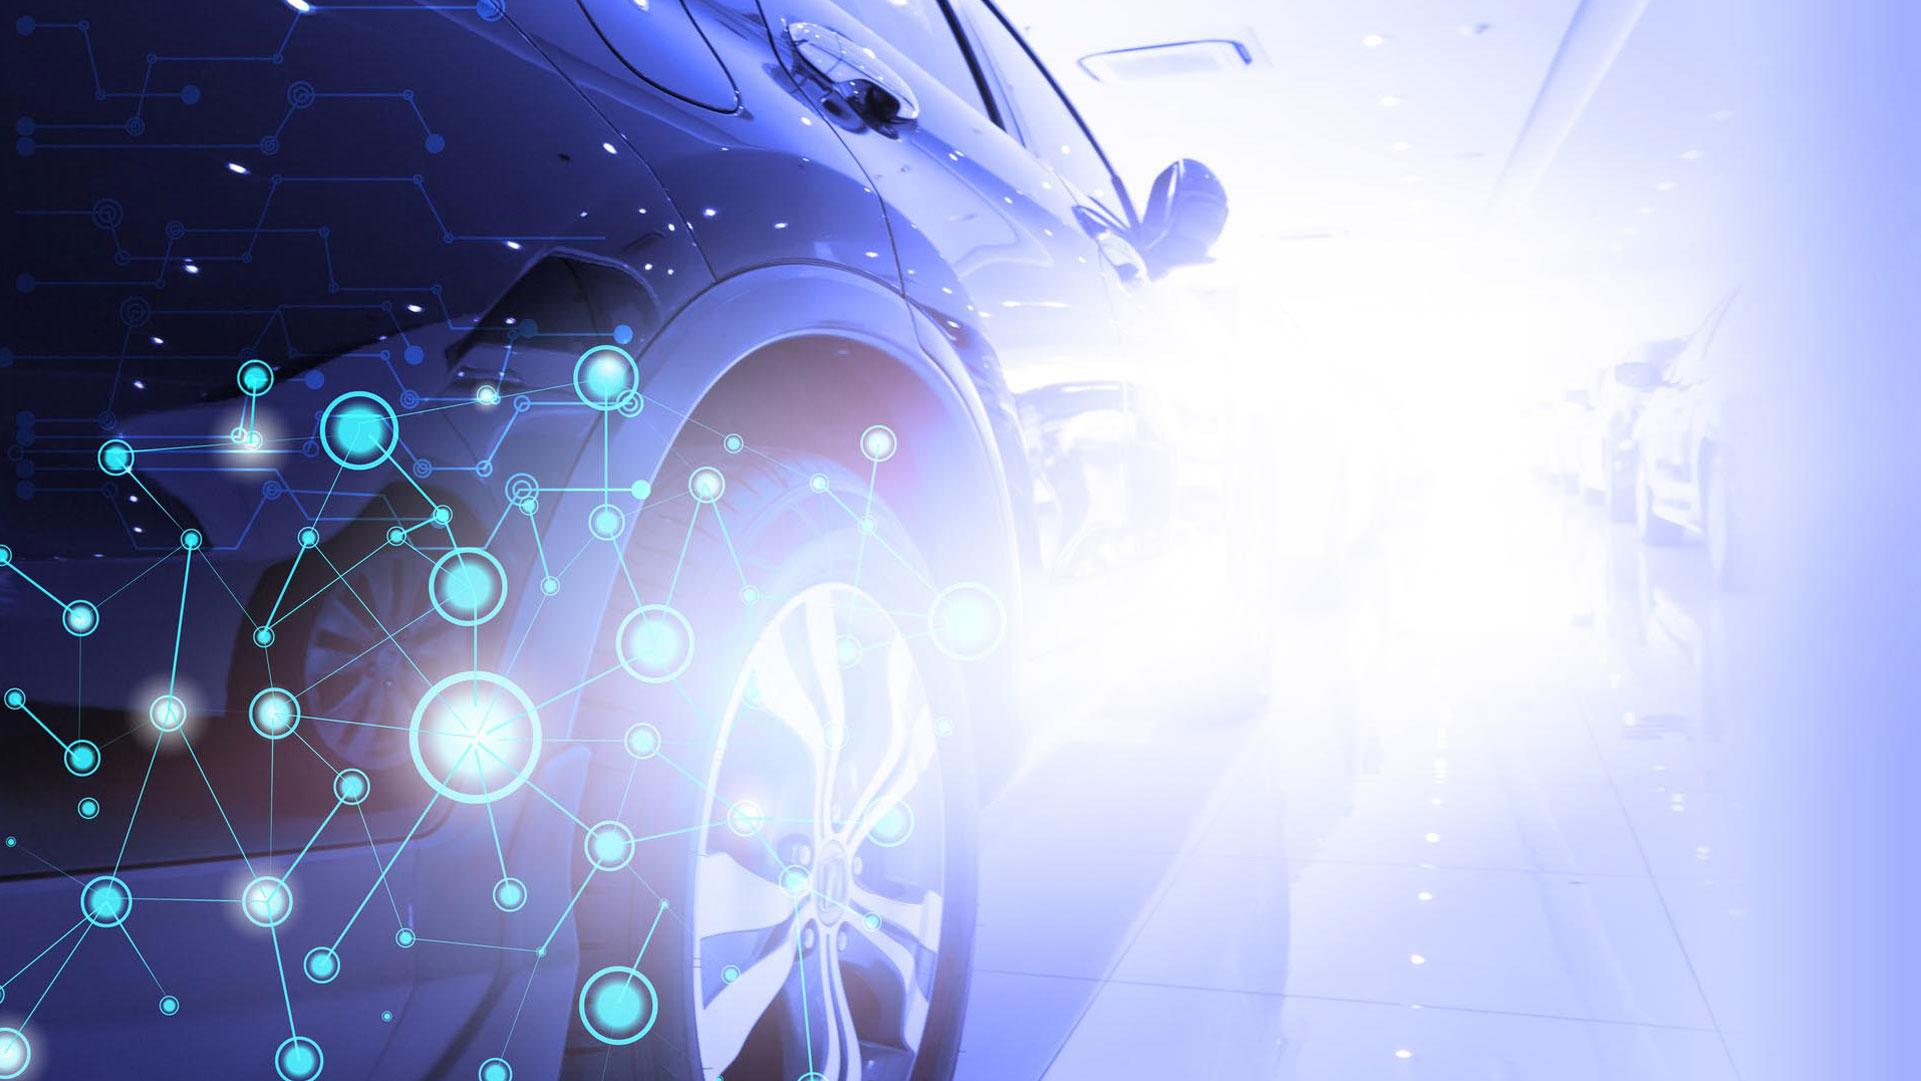 Un milione di volte Lexus in Europa - image sicurezza-auto-connesse-trend-micro-luxoft on http://auto.motori.net